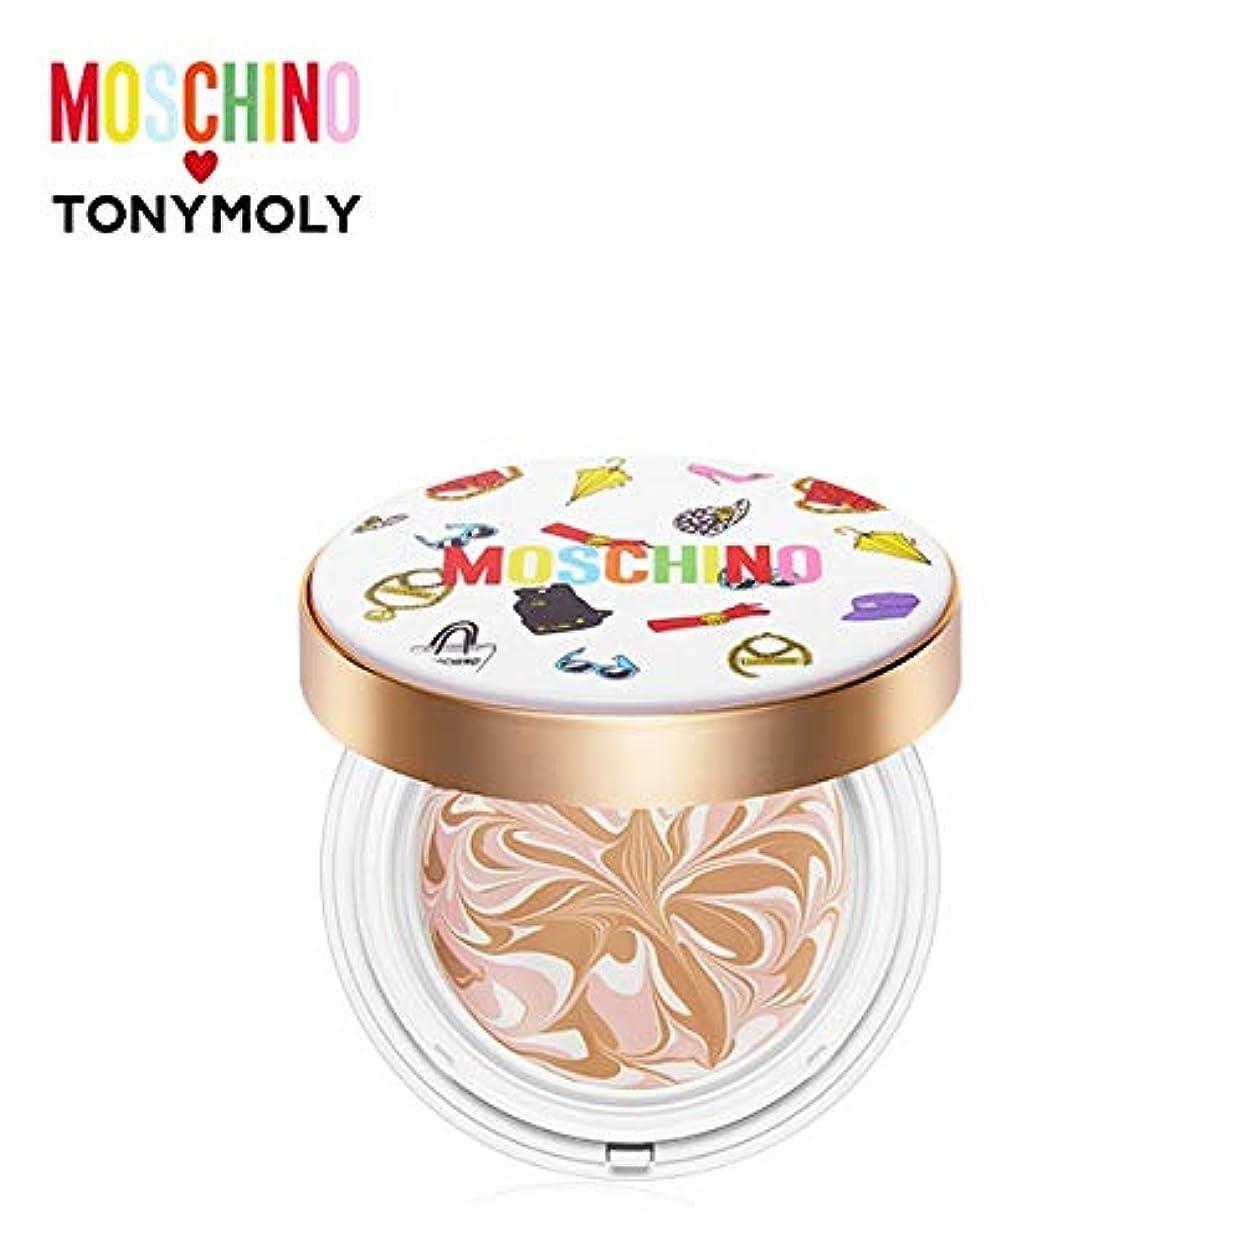 アカウントパイプペネロペトニーモリー [モスキーノ] シック スキン エッセンス パクト 18g TONYMOLY [MOSCHINO] Chic Skin Essence Pact #02 CHIC BEIGE [並行輸入品]